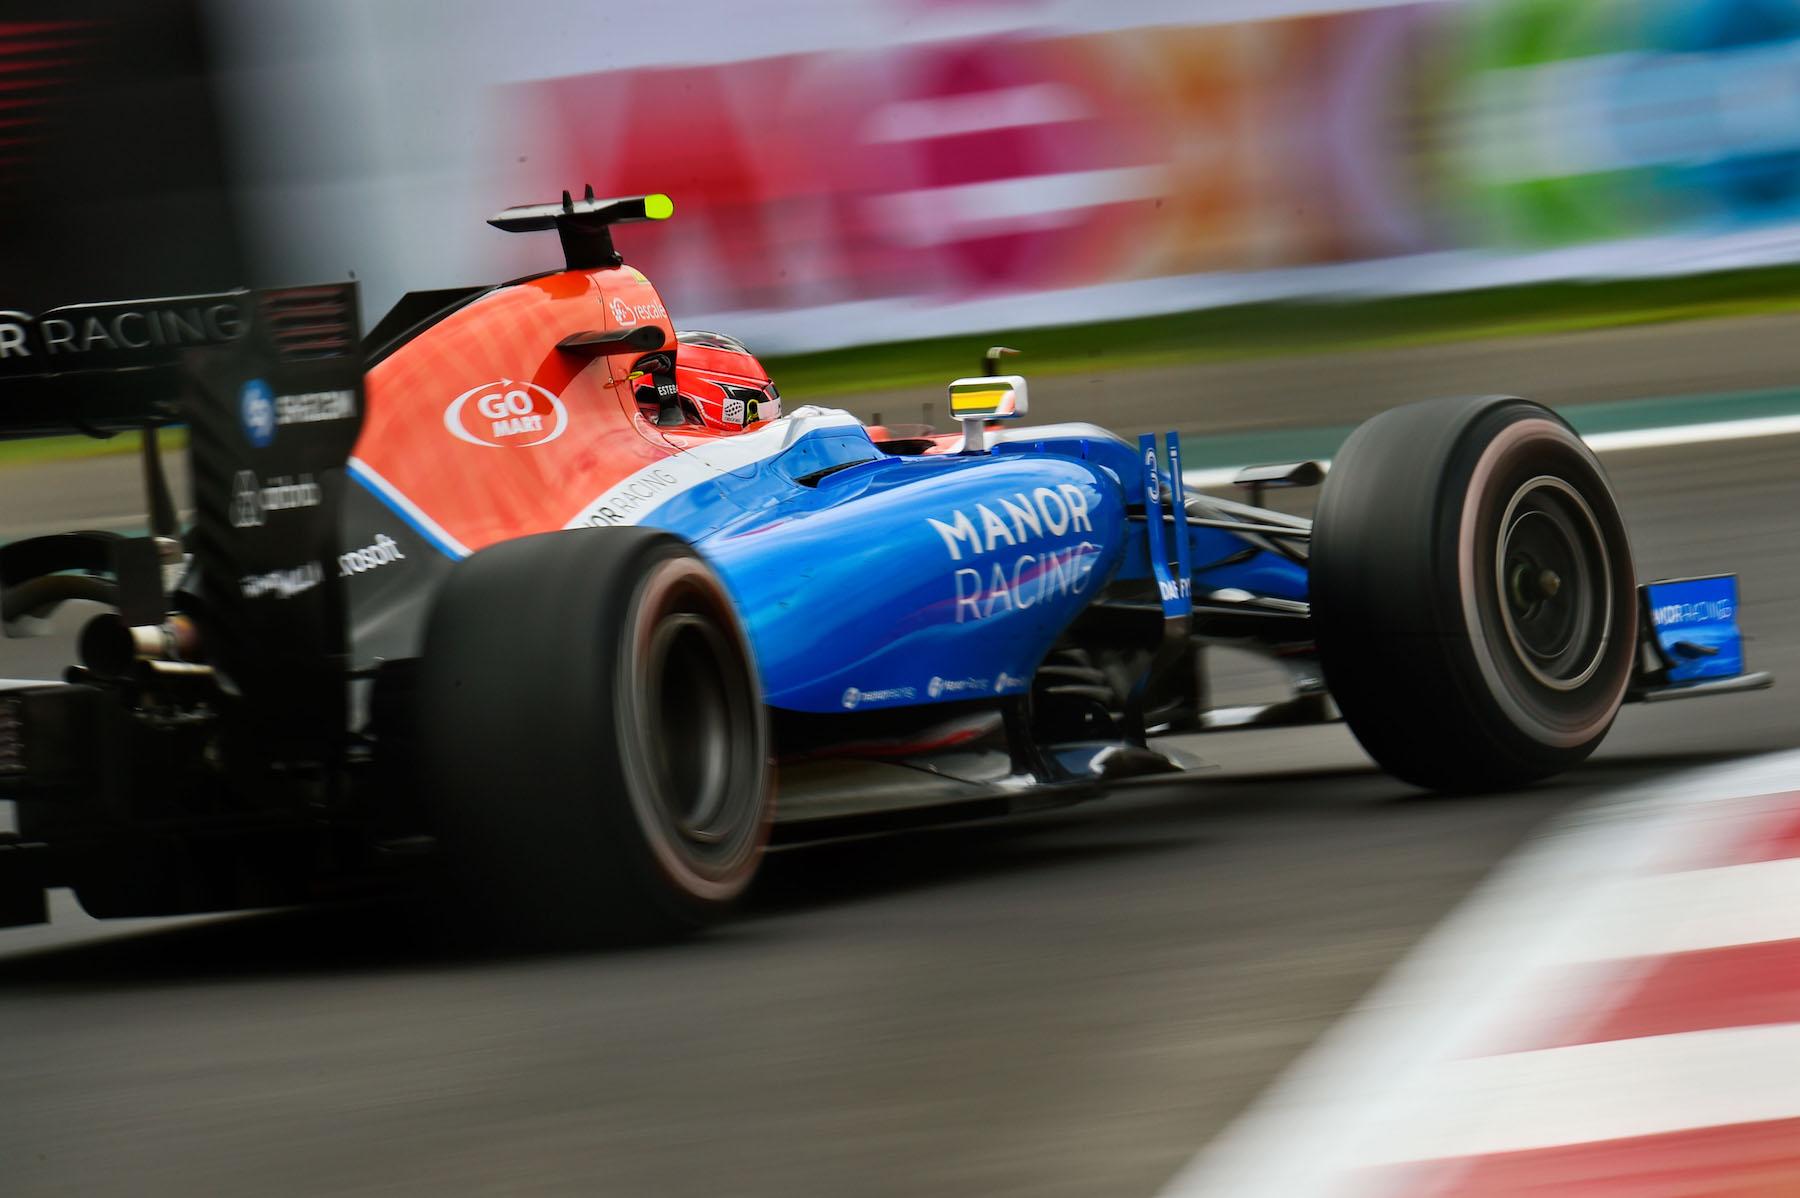 Salracing - Esteban Ocon   Manor Racing